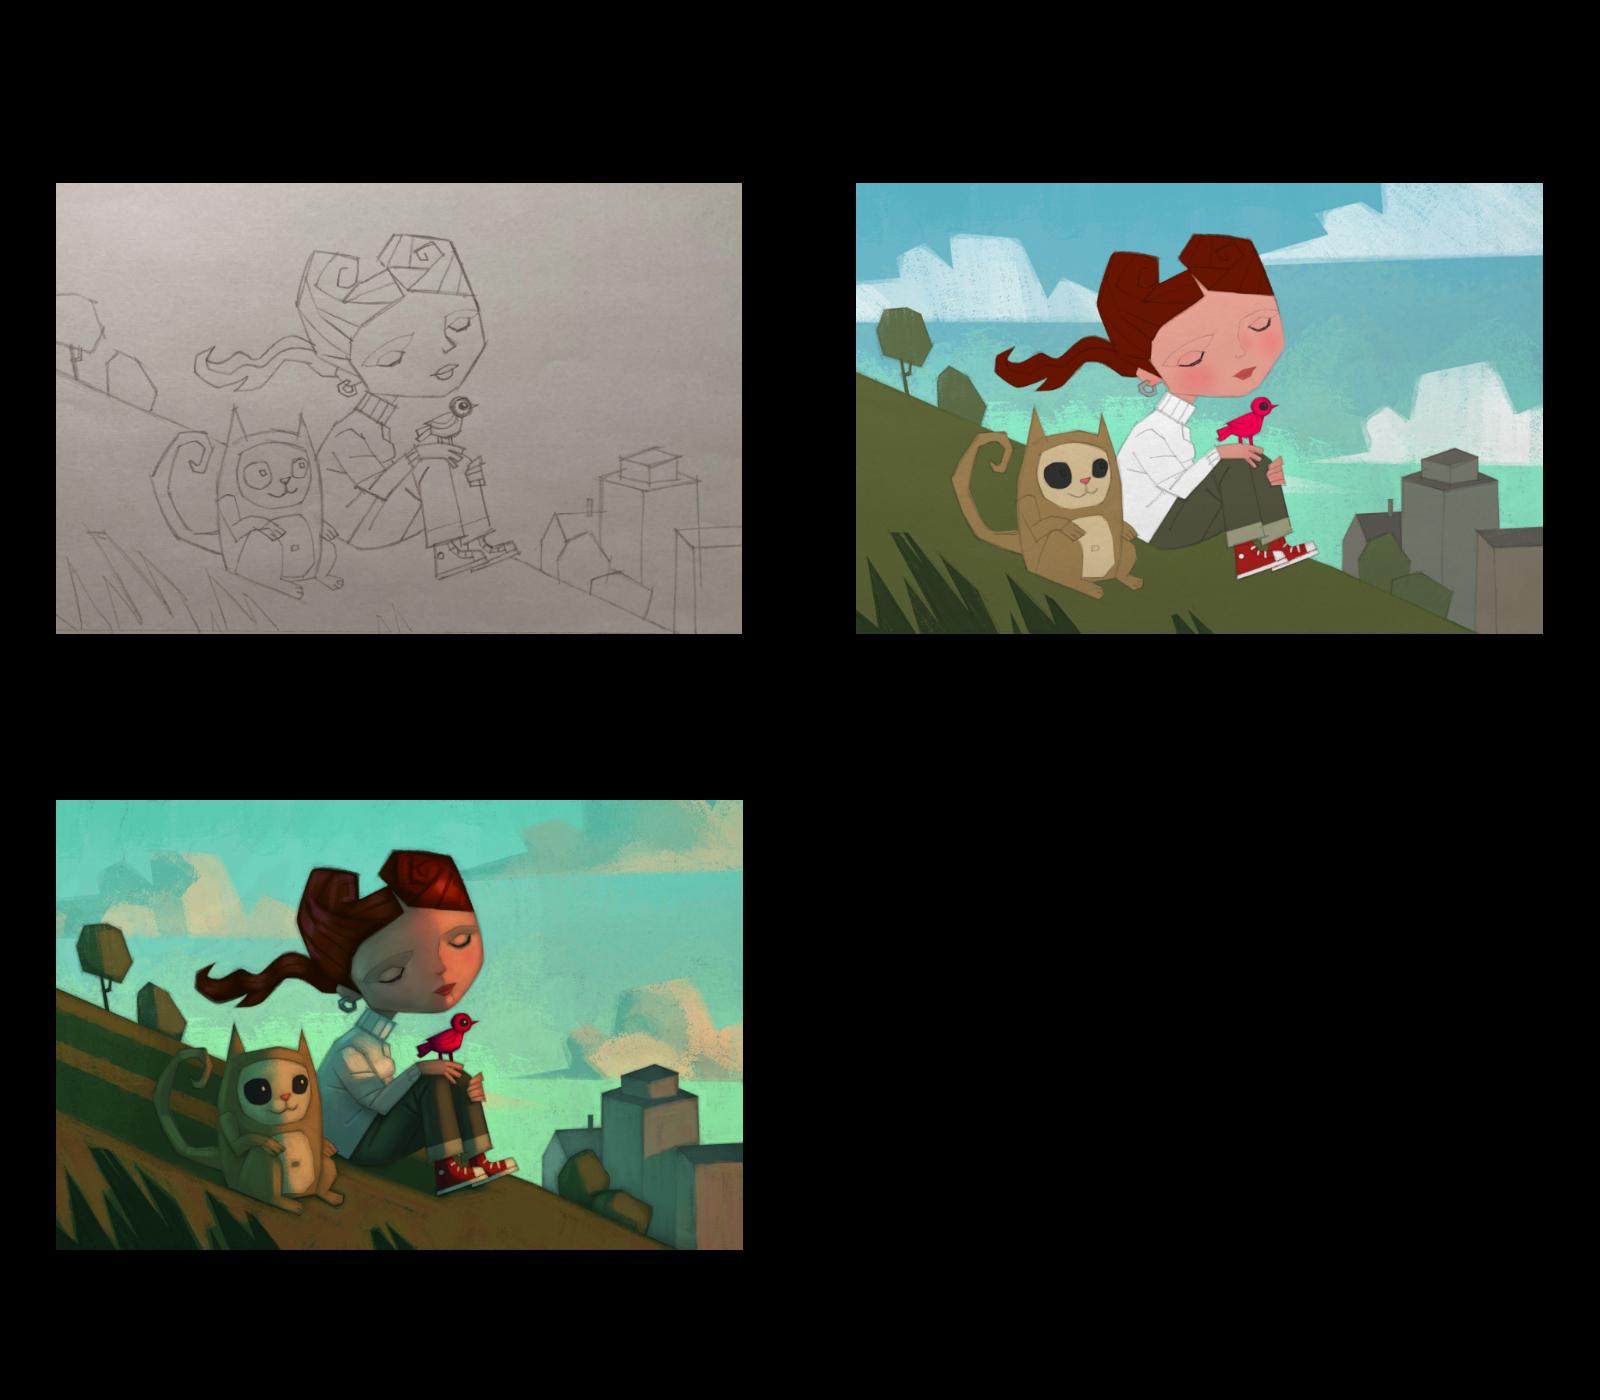 En av processerna Jonn Clemente använder i sina illustrationer bygger på fält med färg han sedan skuggar: 1. Skiss i blyerts på papper. 2. Fält med färg. 3. Skuggning.